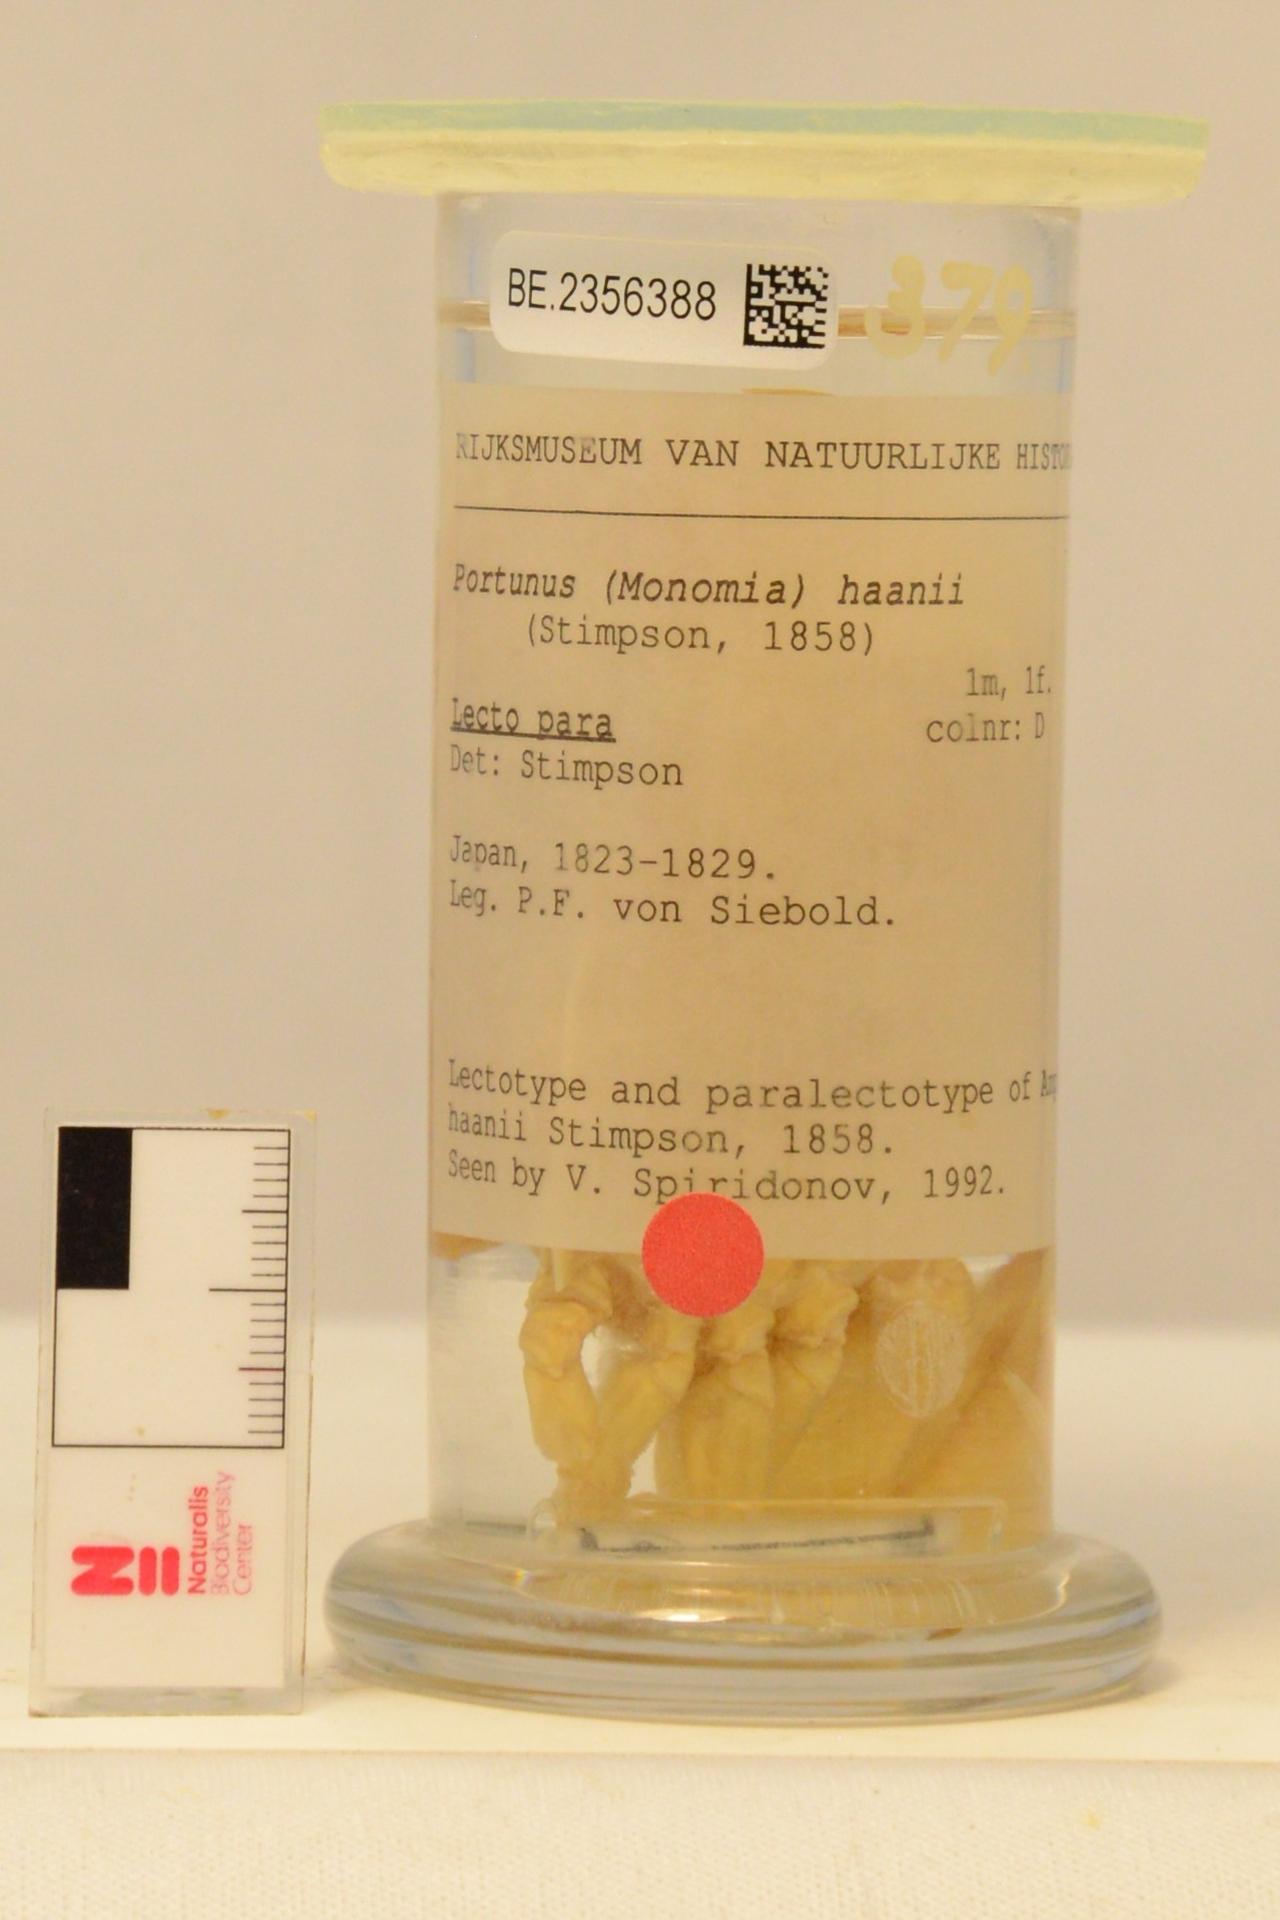 RMNH.CRUS.D.379 | Portunus (Monomia) haanii (Stimpson, 1858)